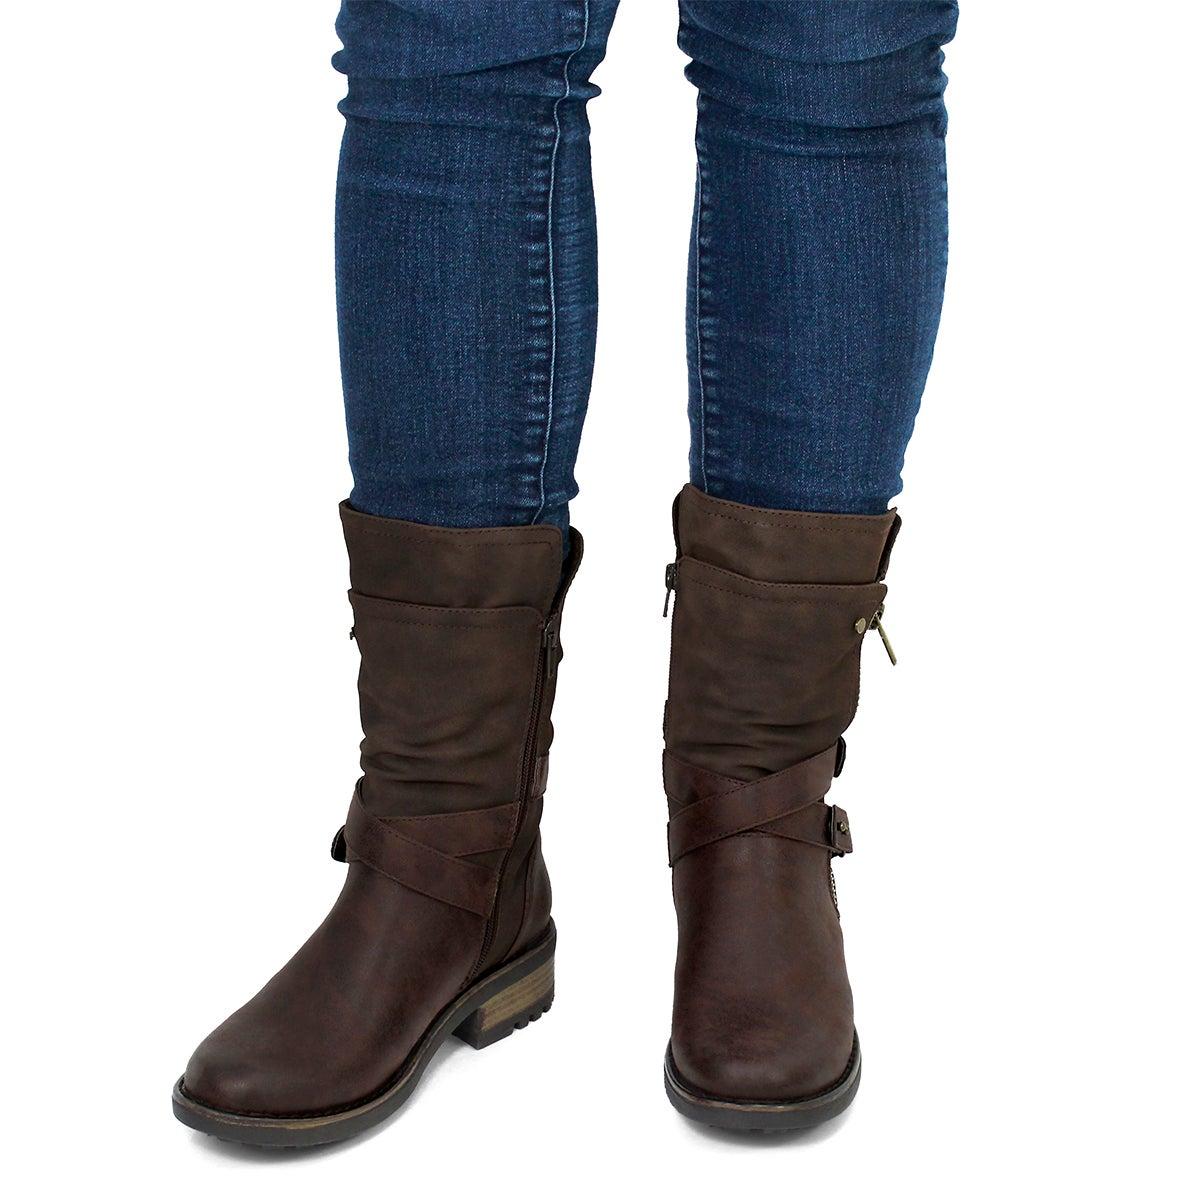 Lds Bellatrix brn casual combat boot